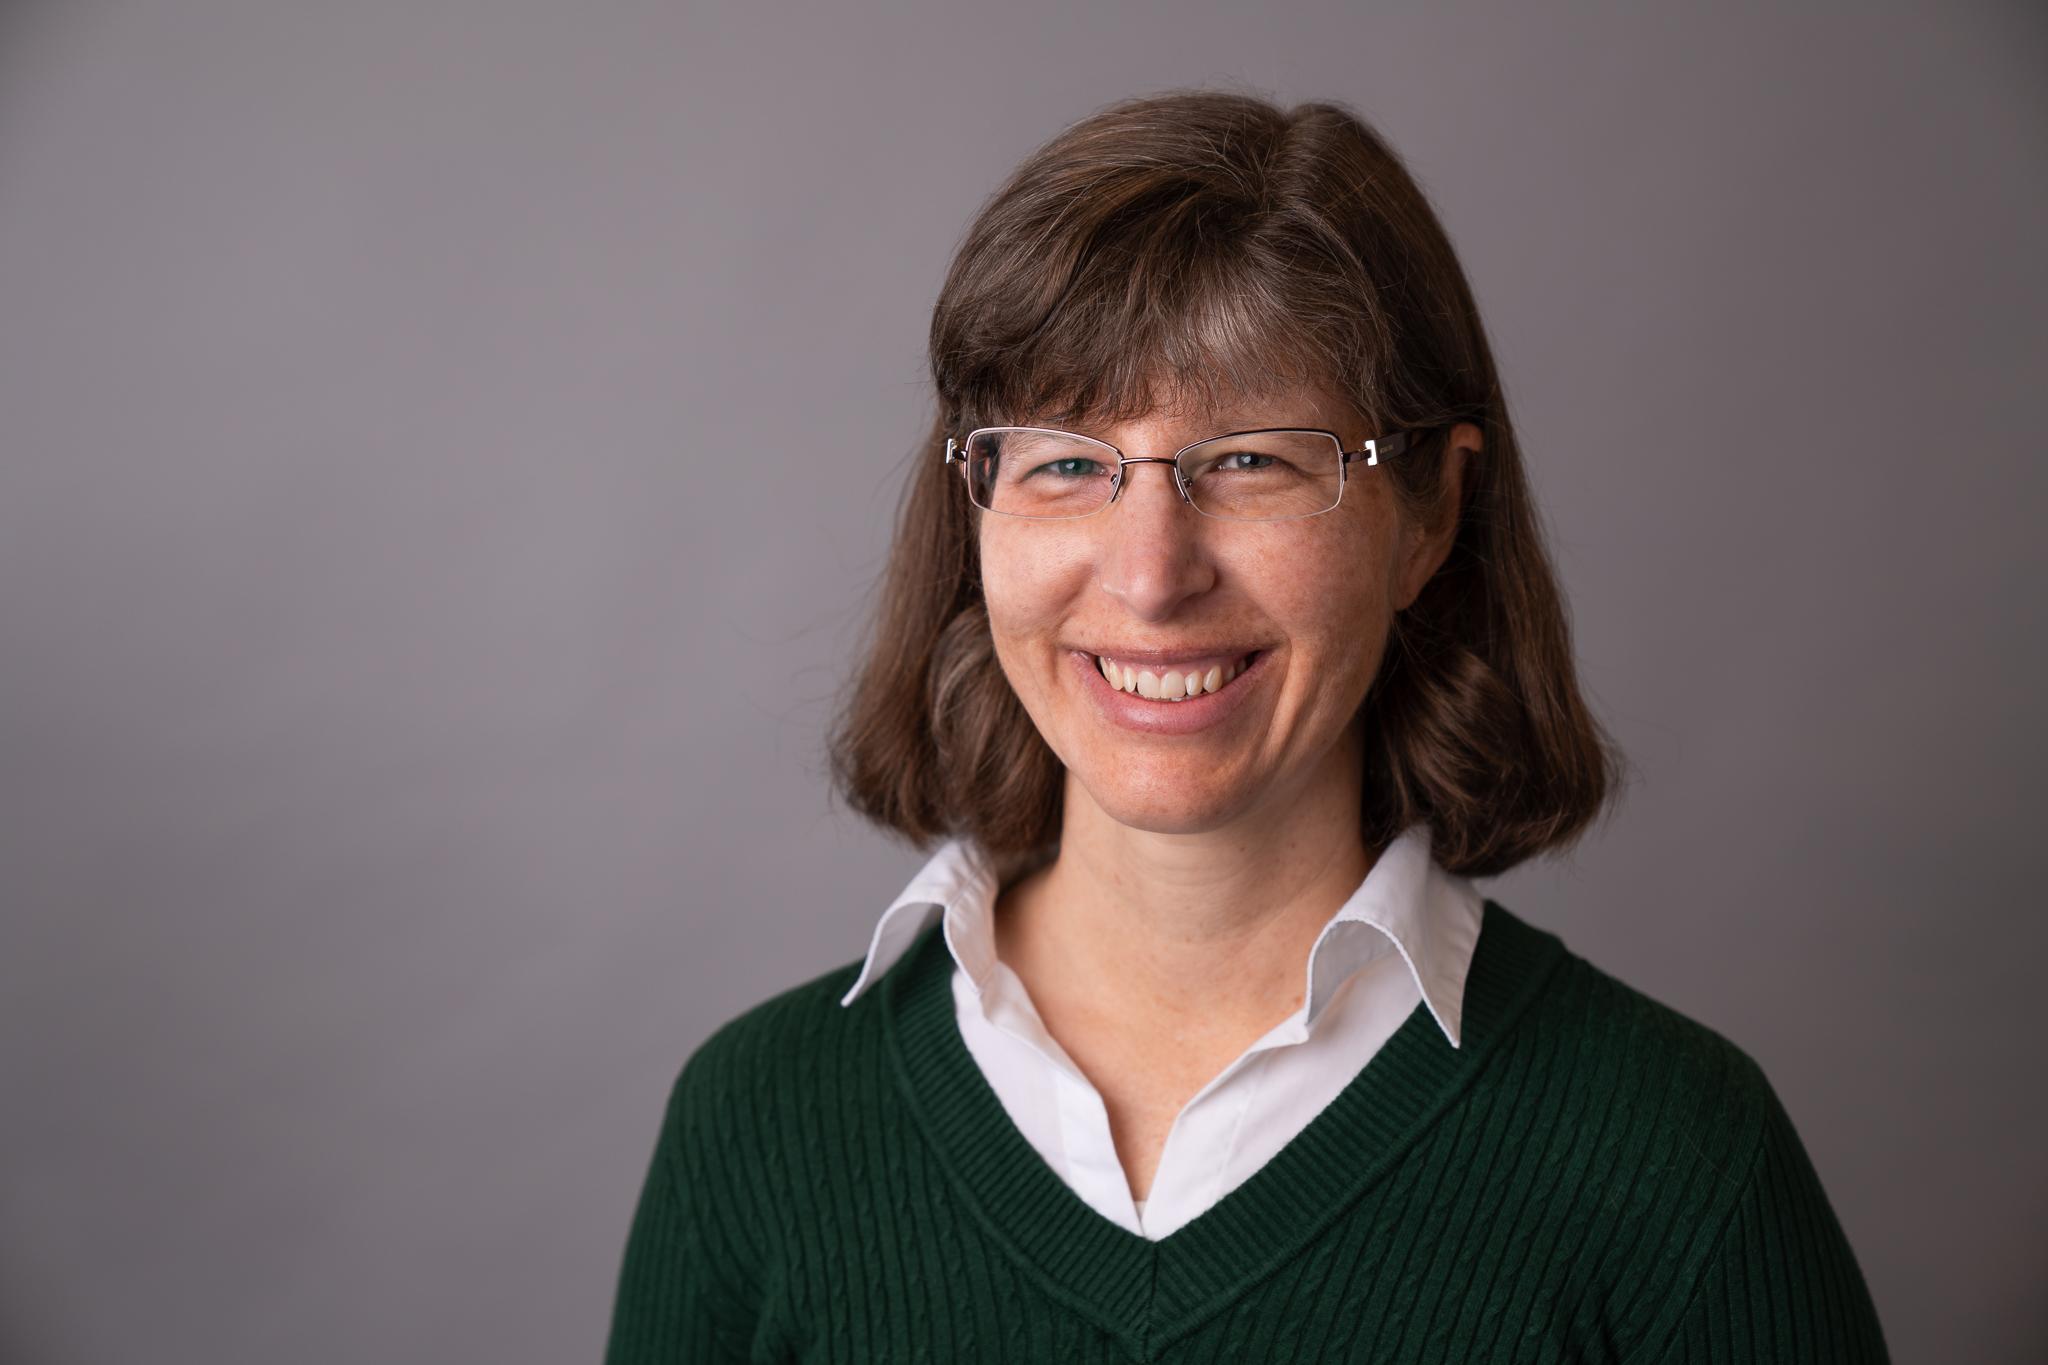 Brenda Wierschin, LCSW